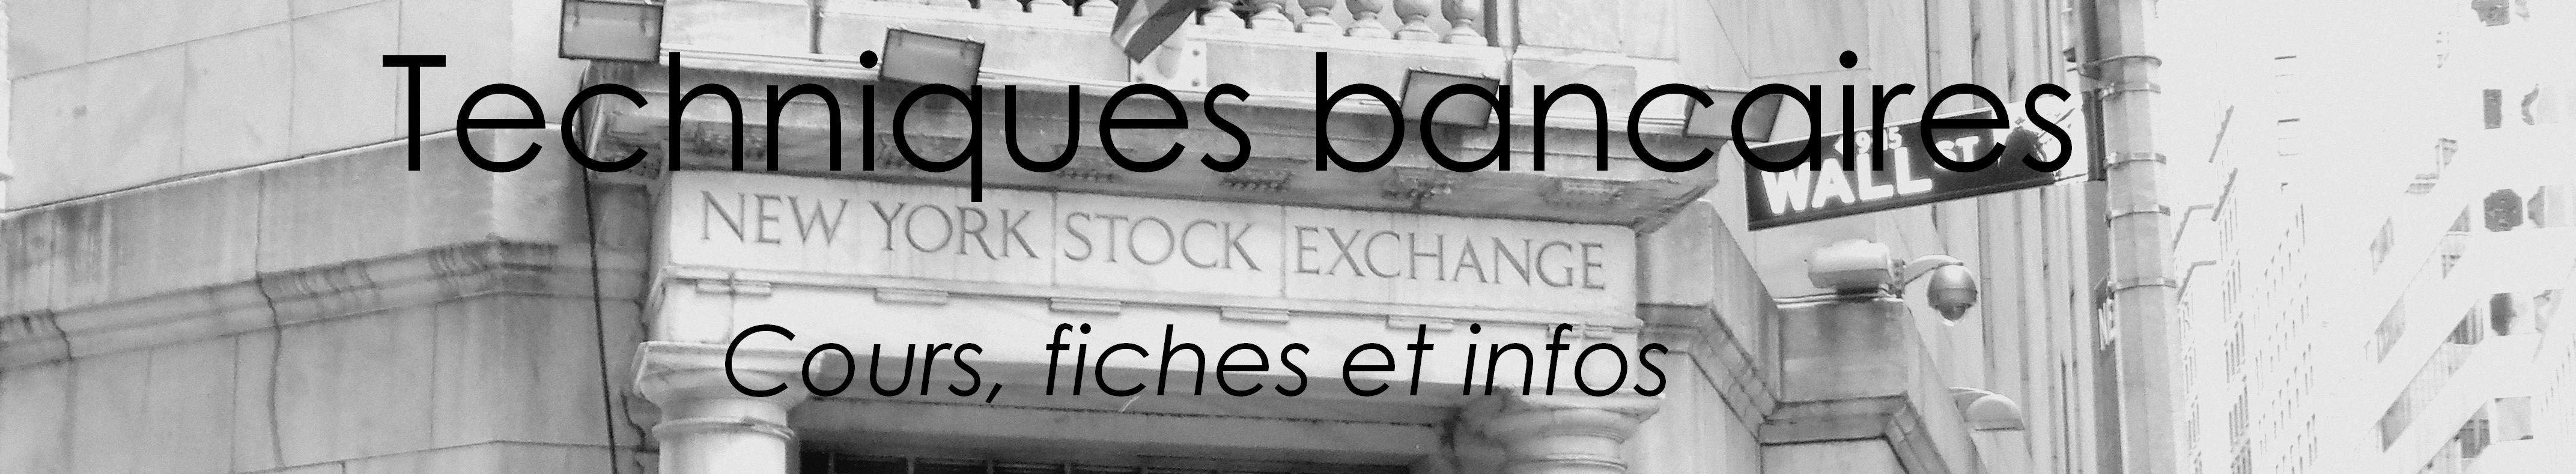 Techniques bancaires